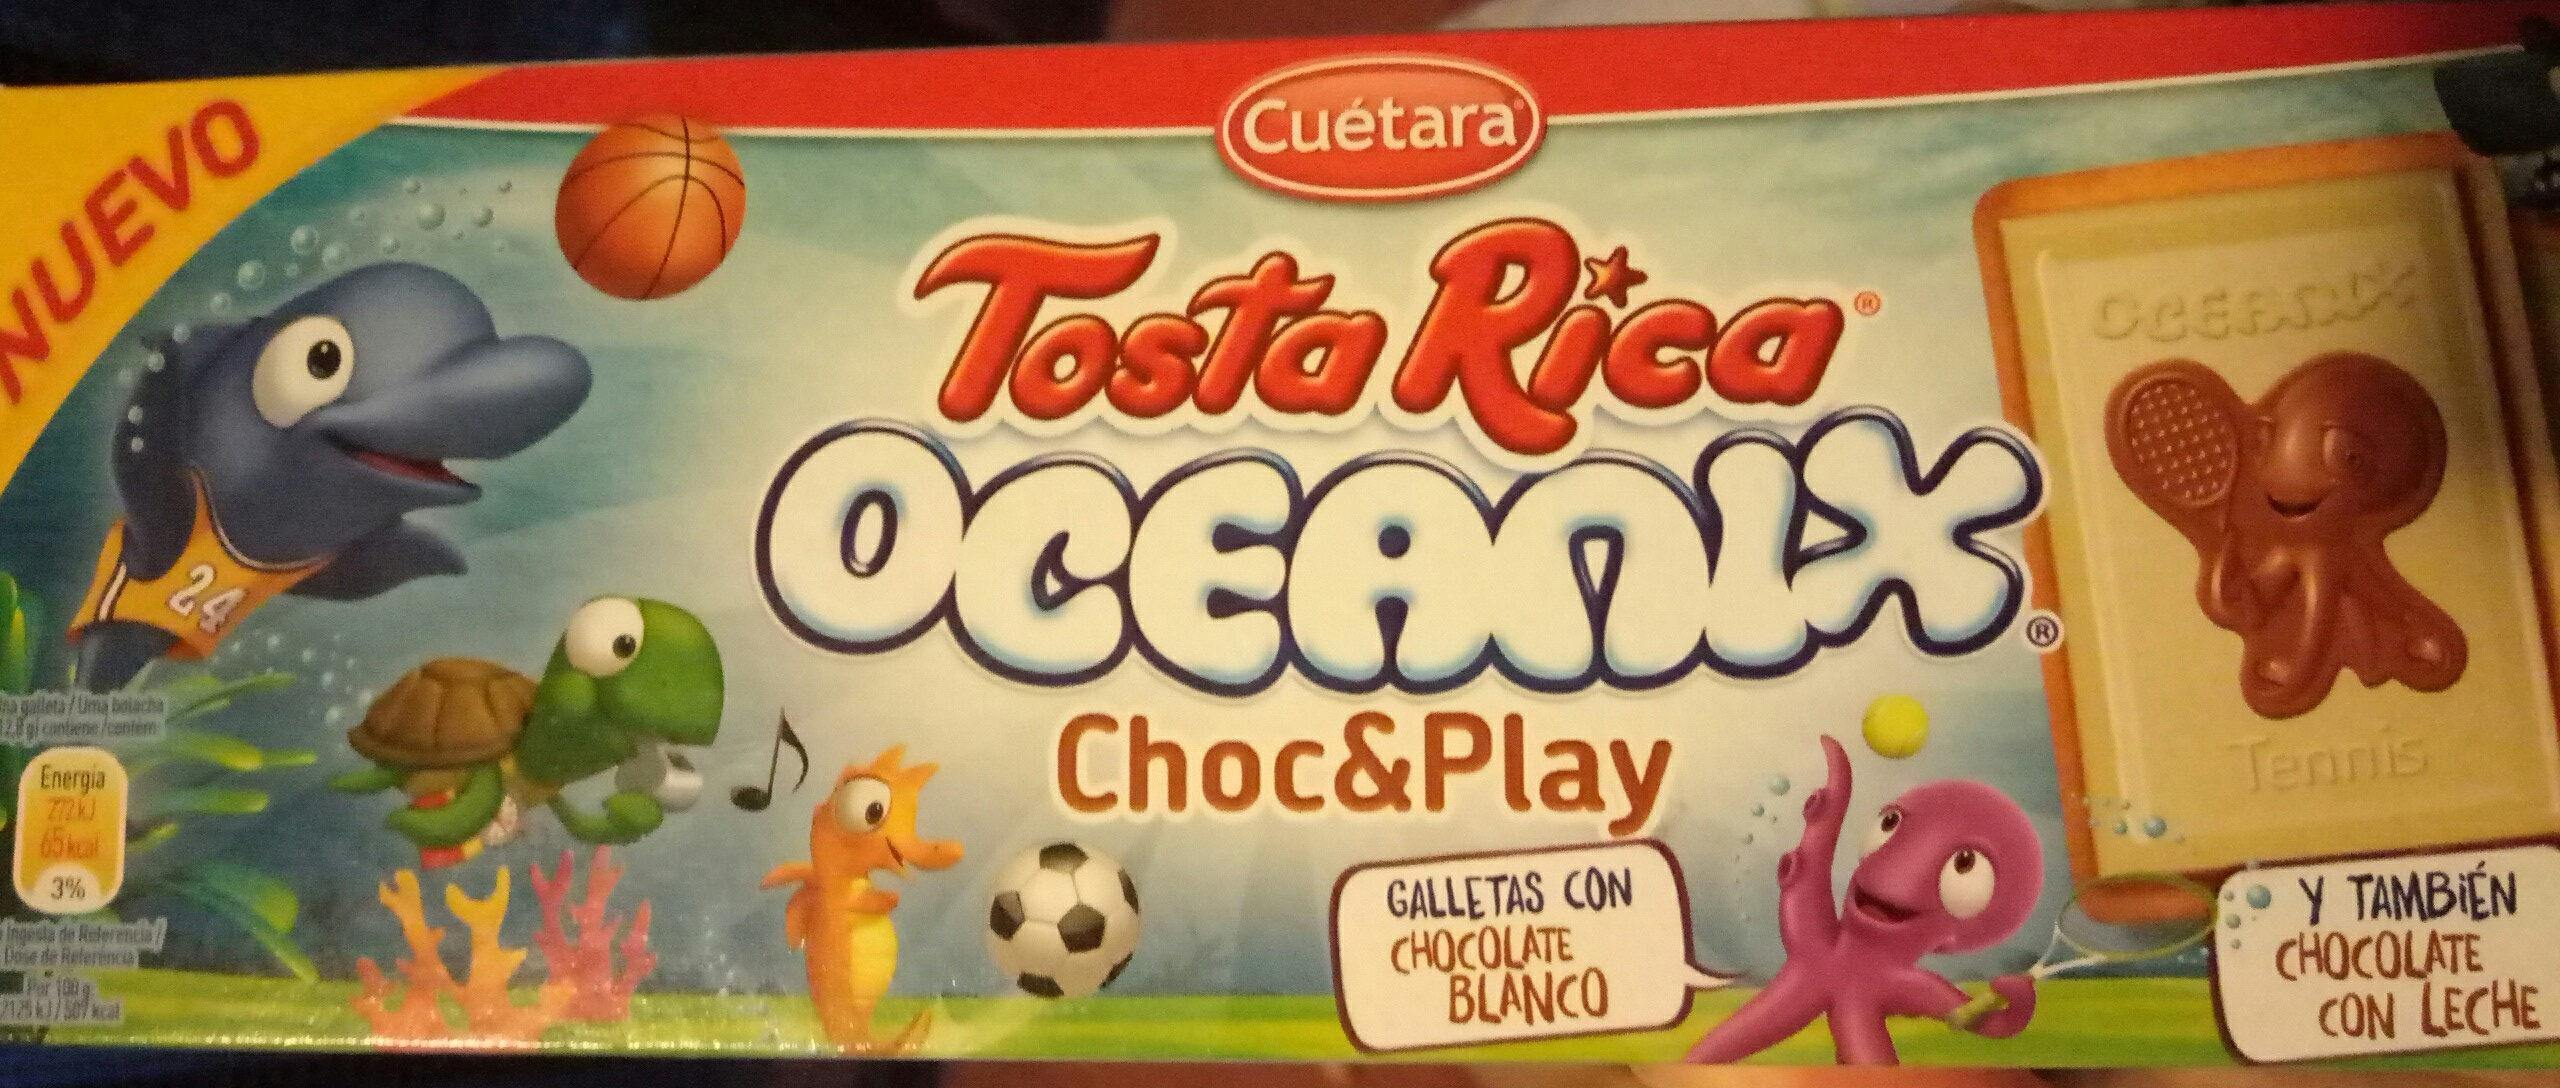 Tosta Rica Oceanix Choc & Play galletas con chocolate blanco y con leche - Product - es